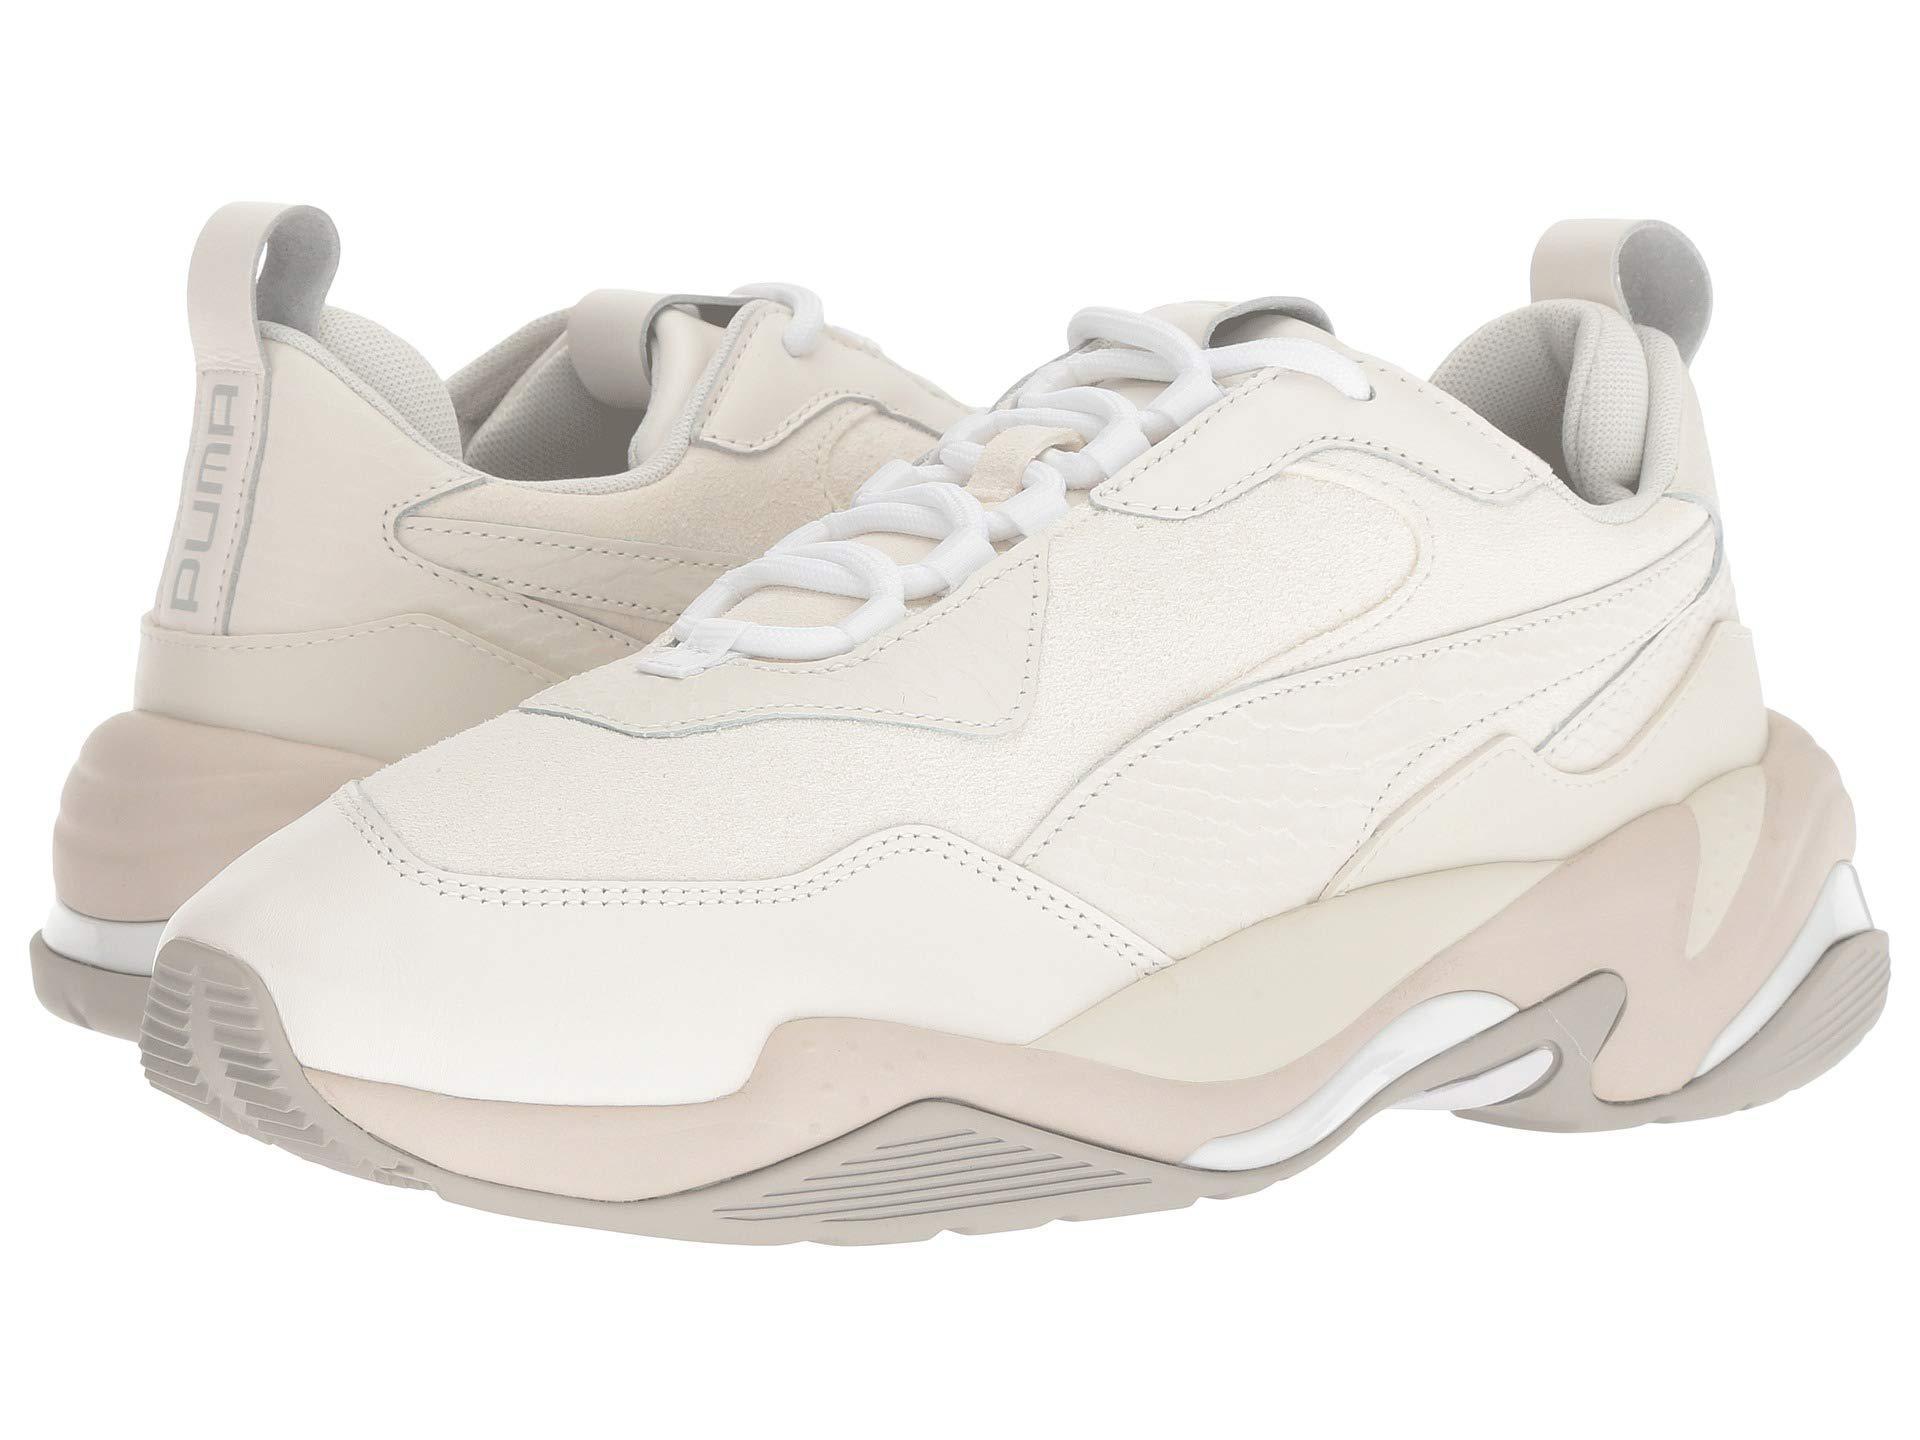 01219c15fe3f Lyst - PUMA Thunder Desert in White for Men - Save 59%